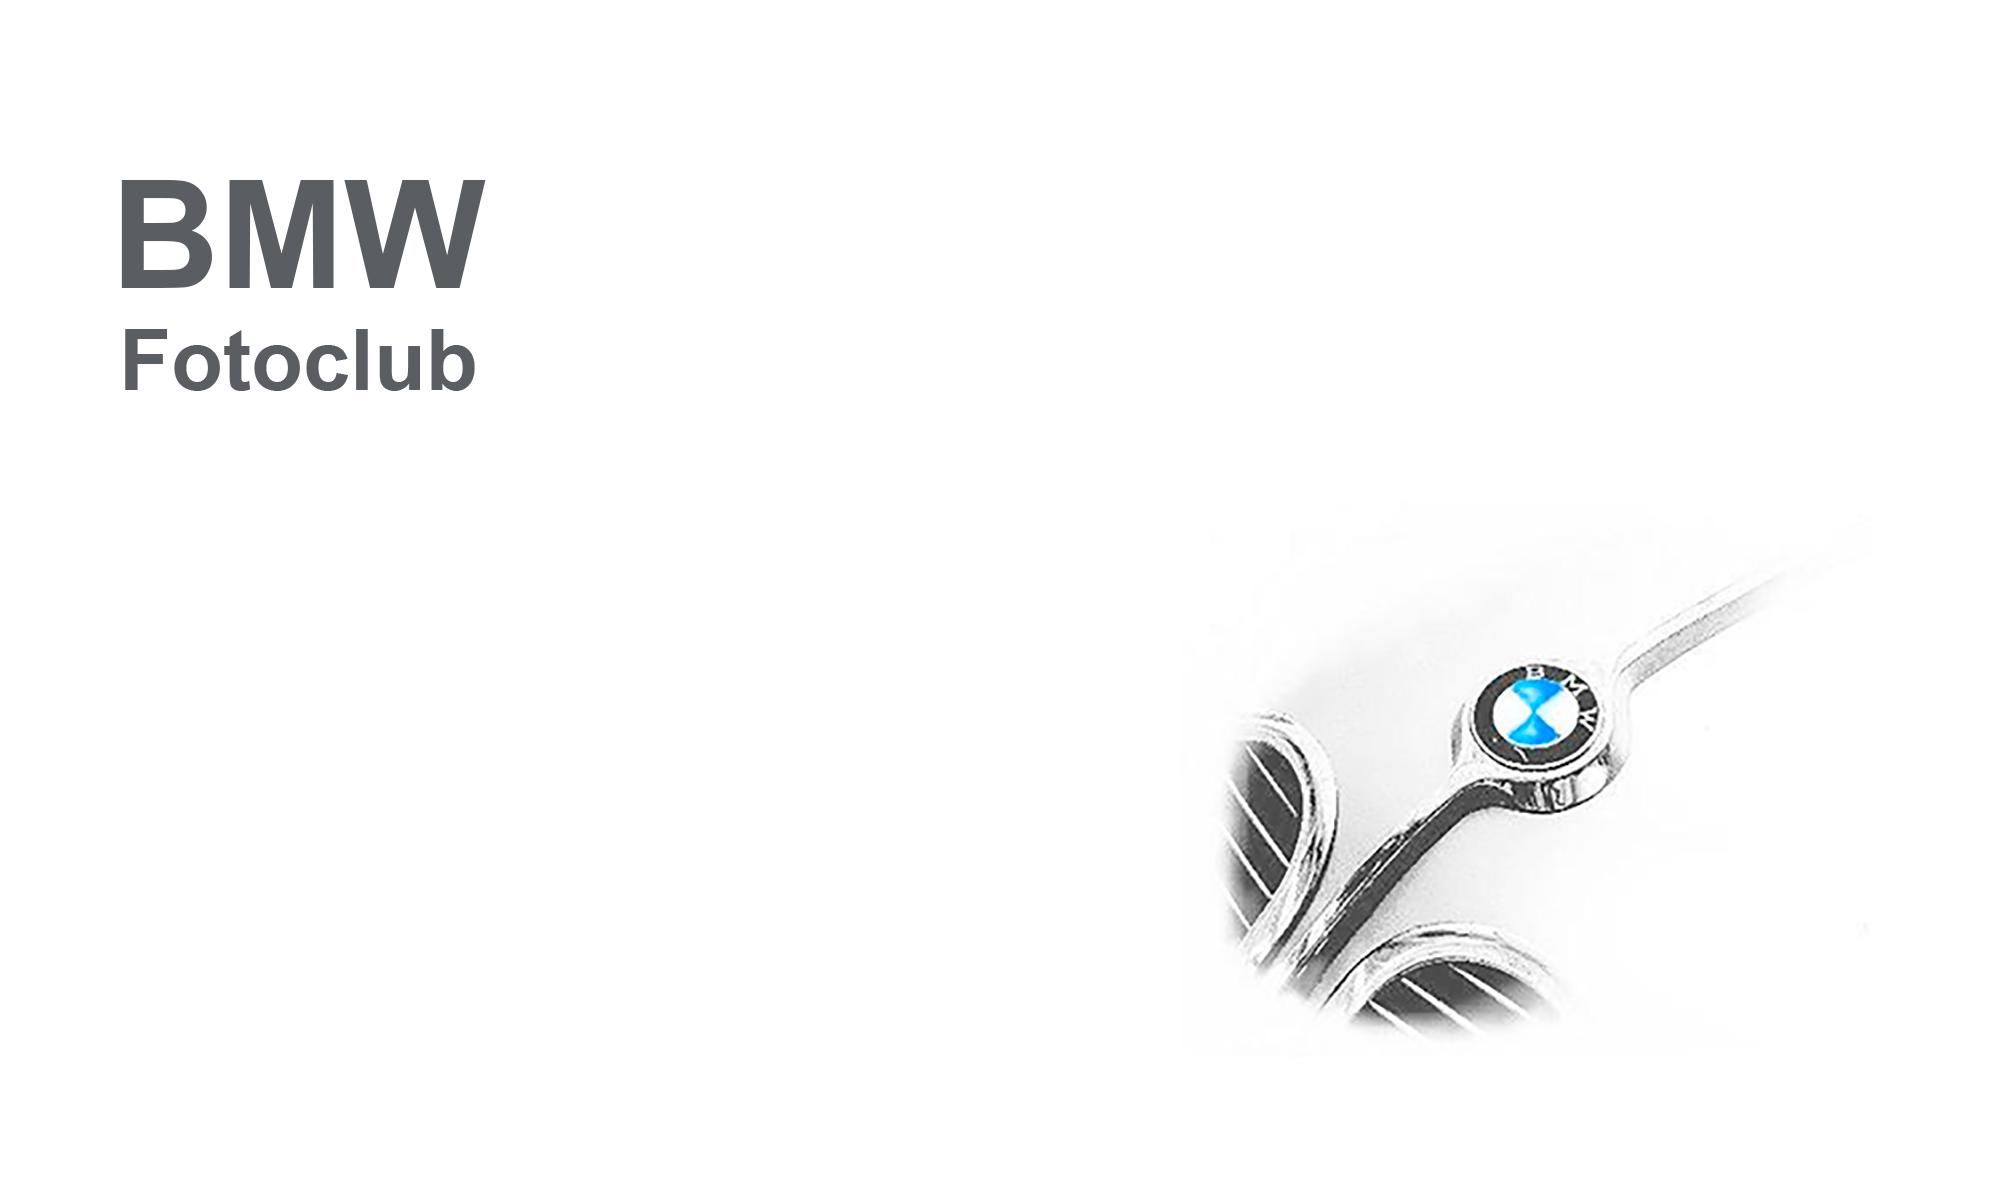 BMW Fotoclub